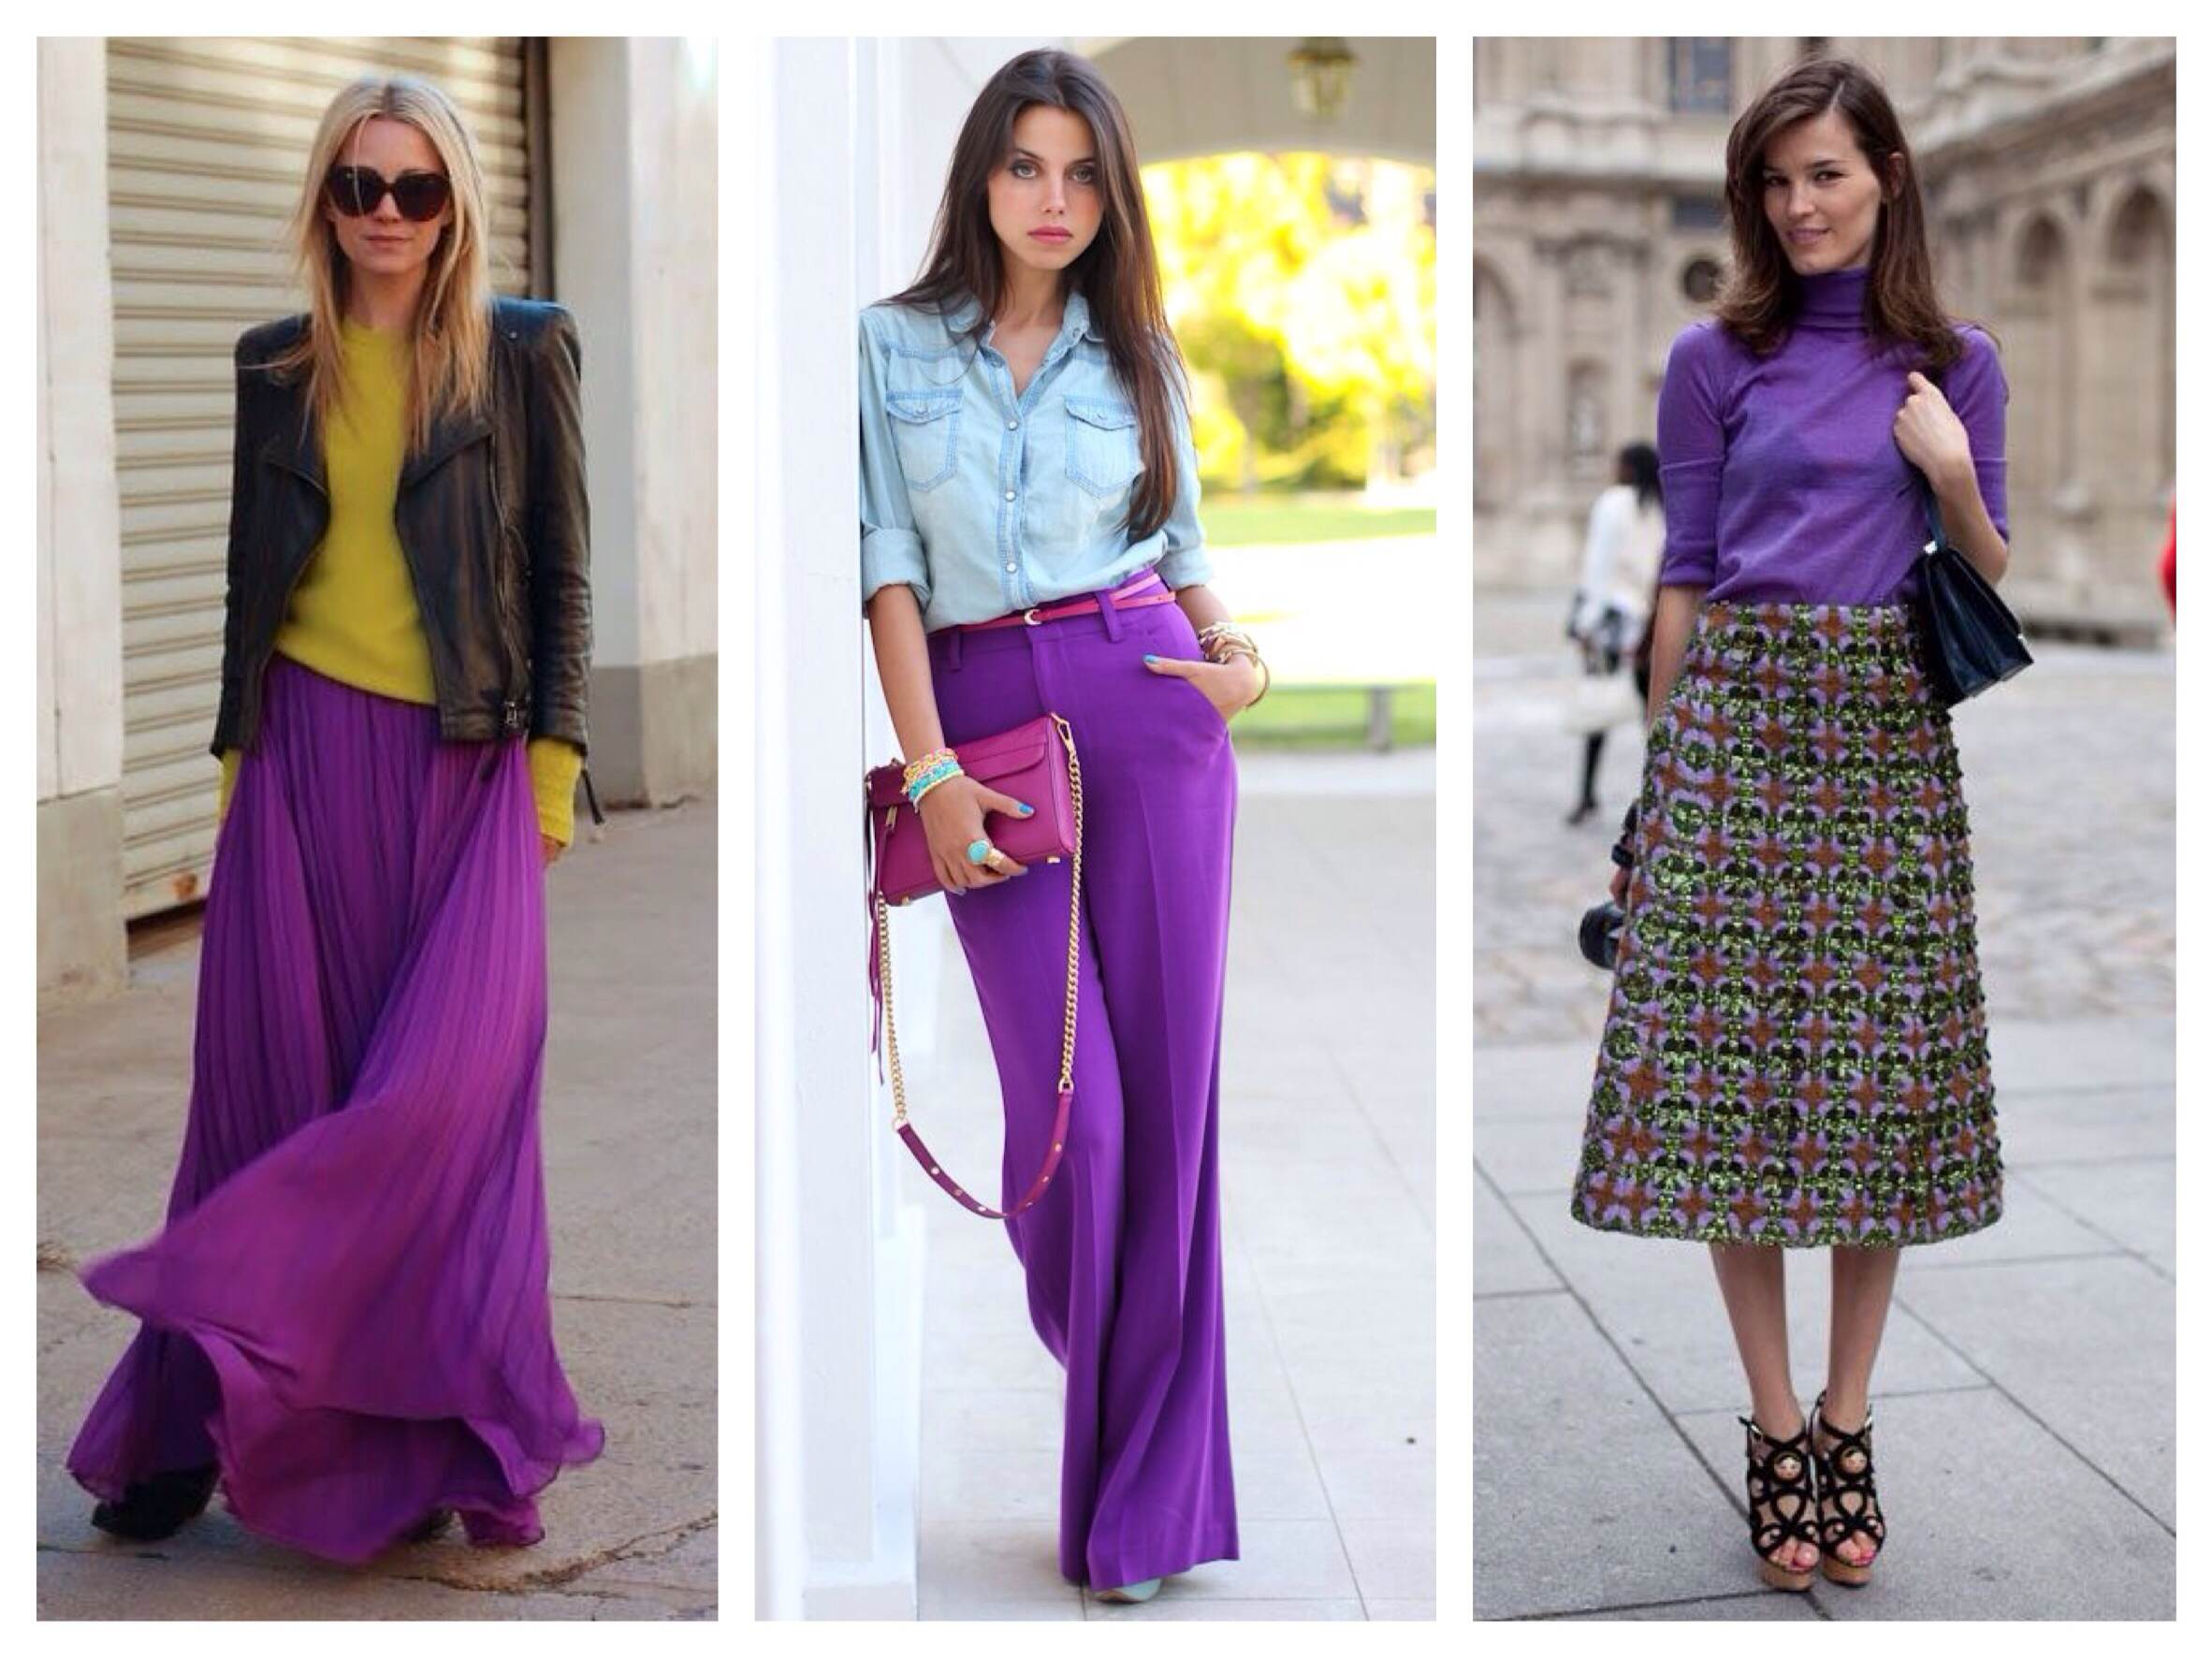 Ансамбли с фиолетовыми элементами одежды